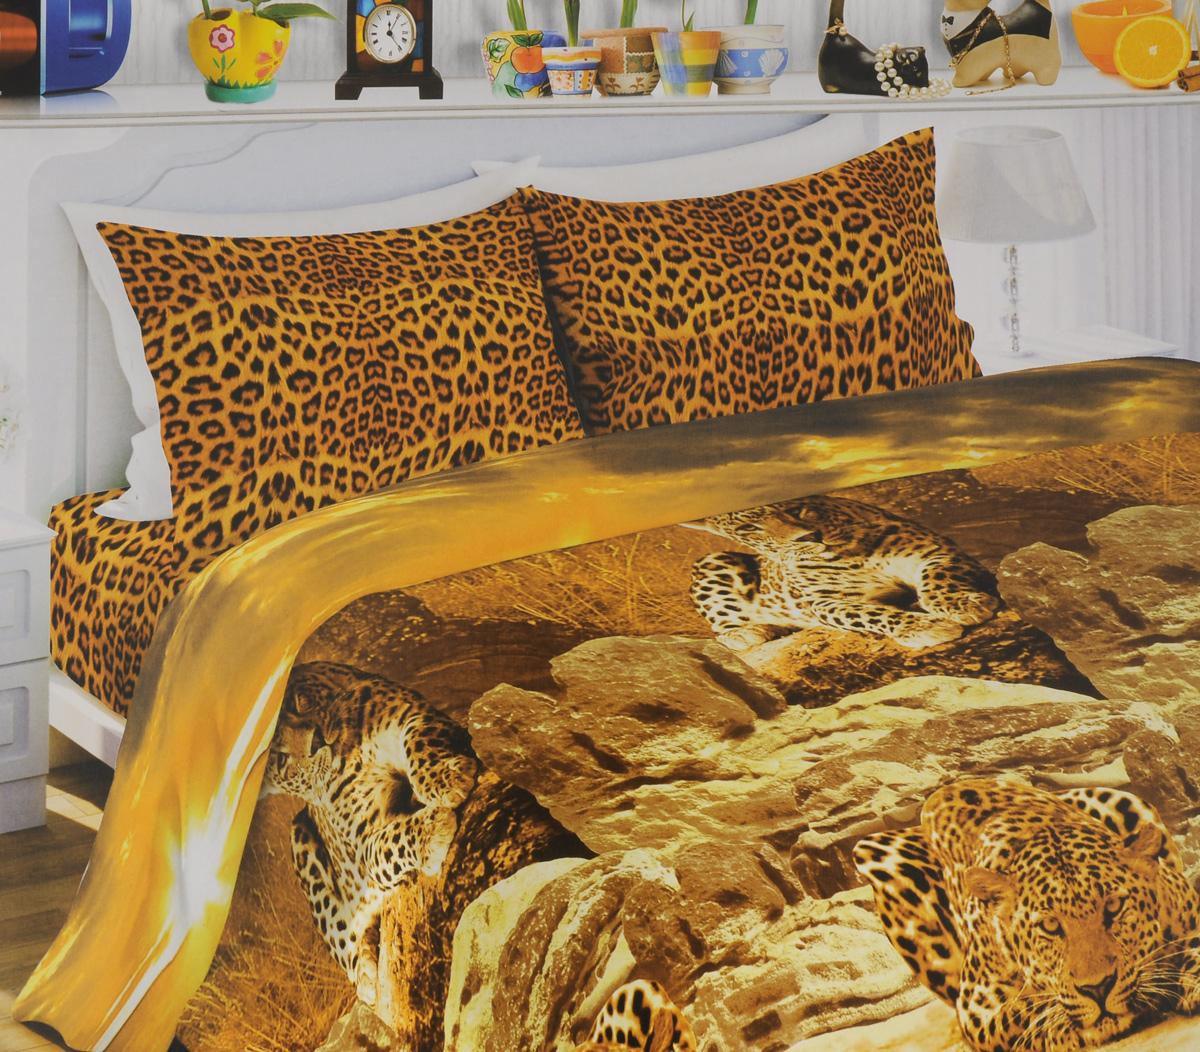 Комплект белья Любимый дом Африканский леопард, 1,5-спальный, наволочки 70х70, цвет: коричневый, оранжевый, бежевый326134Комплект постельного белья Любимый дом Африканский леопард состоит из пододеяльника, простыни и двух наволочек. Постельное белье оформлено оригинальным рисунком и имеет изысканный внешний вид. Белье изготовлено из новой ткани Биокомфорт, отвечающей всем необходимым нормативным стандартам. Биокомфорт - это ткань полотняного переплетения, из экологически чистого и натурального 100% хлопка. Неоспоримым плюсом белья из такой ткани является мягкость и легкость, она прекрасно пропускает воздух, приятна на ощупь, не образует катышков на поверхности и за ней легко ухаживать. При соблюдении рекомендаций по уходу, это белье выдерживает много стирок, не линяет и не теряет свою первоначальную прочность. Уникальная ткань обеспечивает легкую глажку. Приобретая комплект постельного белья Любимый дом Африканский леопард, вы можете быть уверены в том, что покупка доставит вам и вашим близким удовольствие и подарит максимальный...